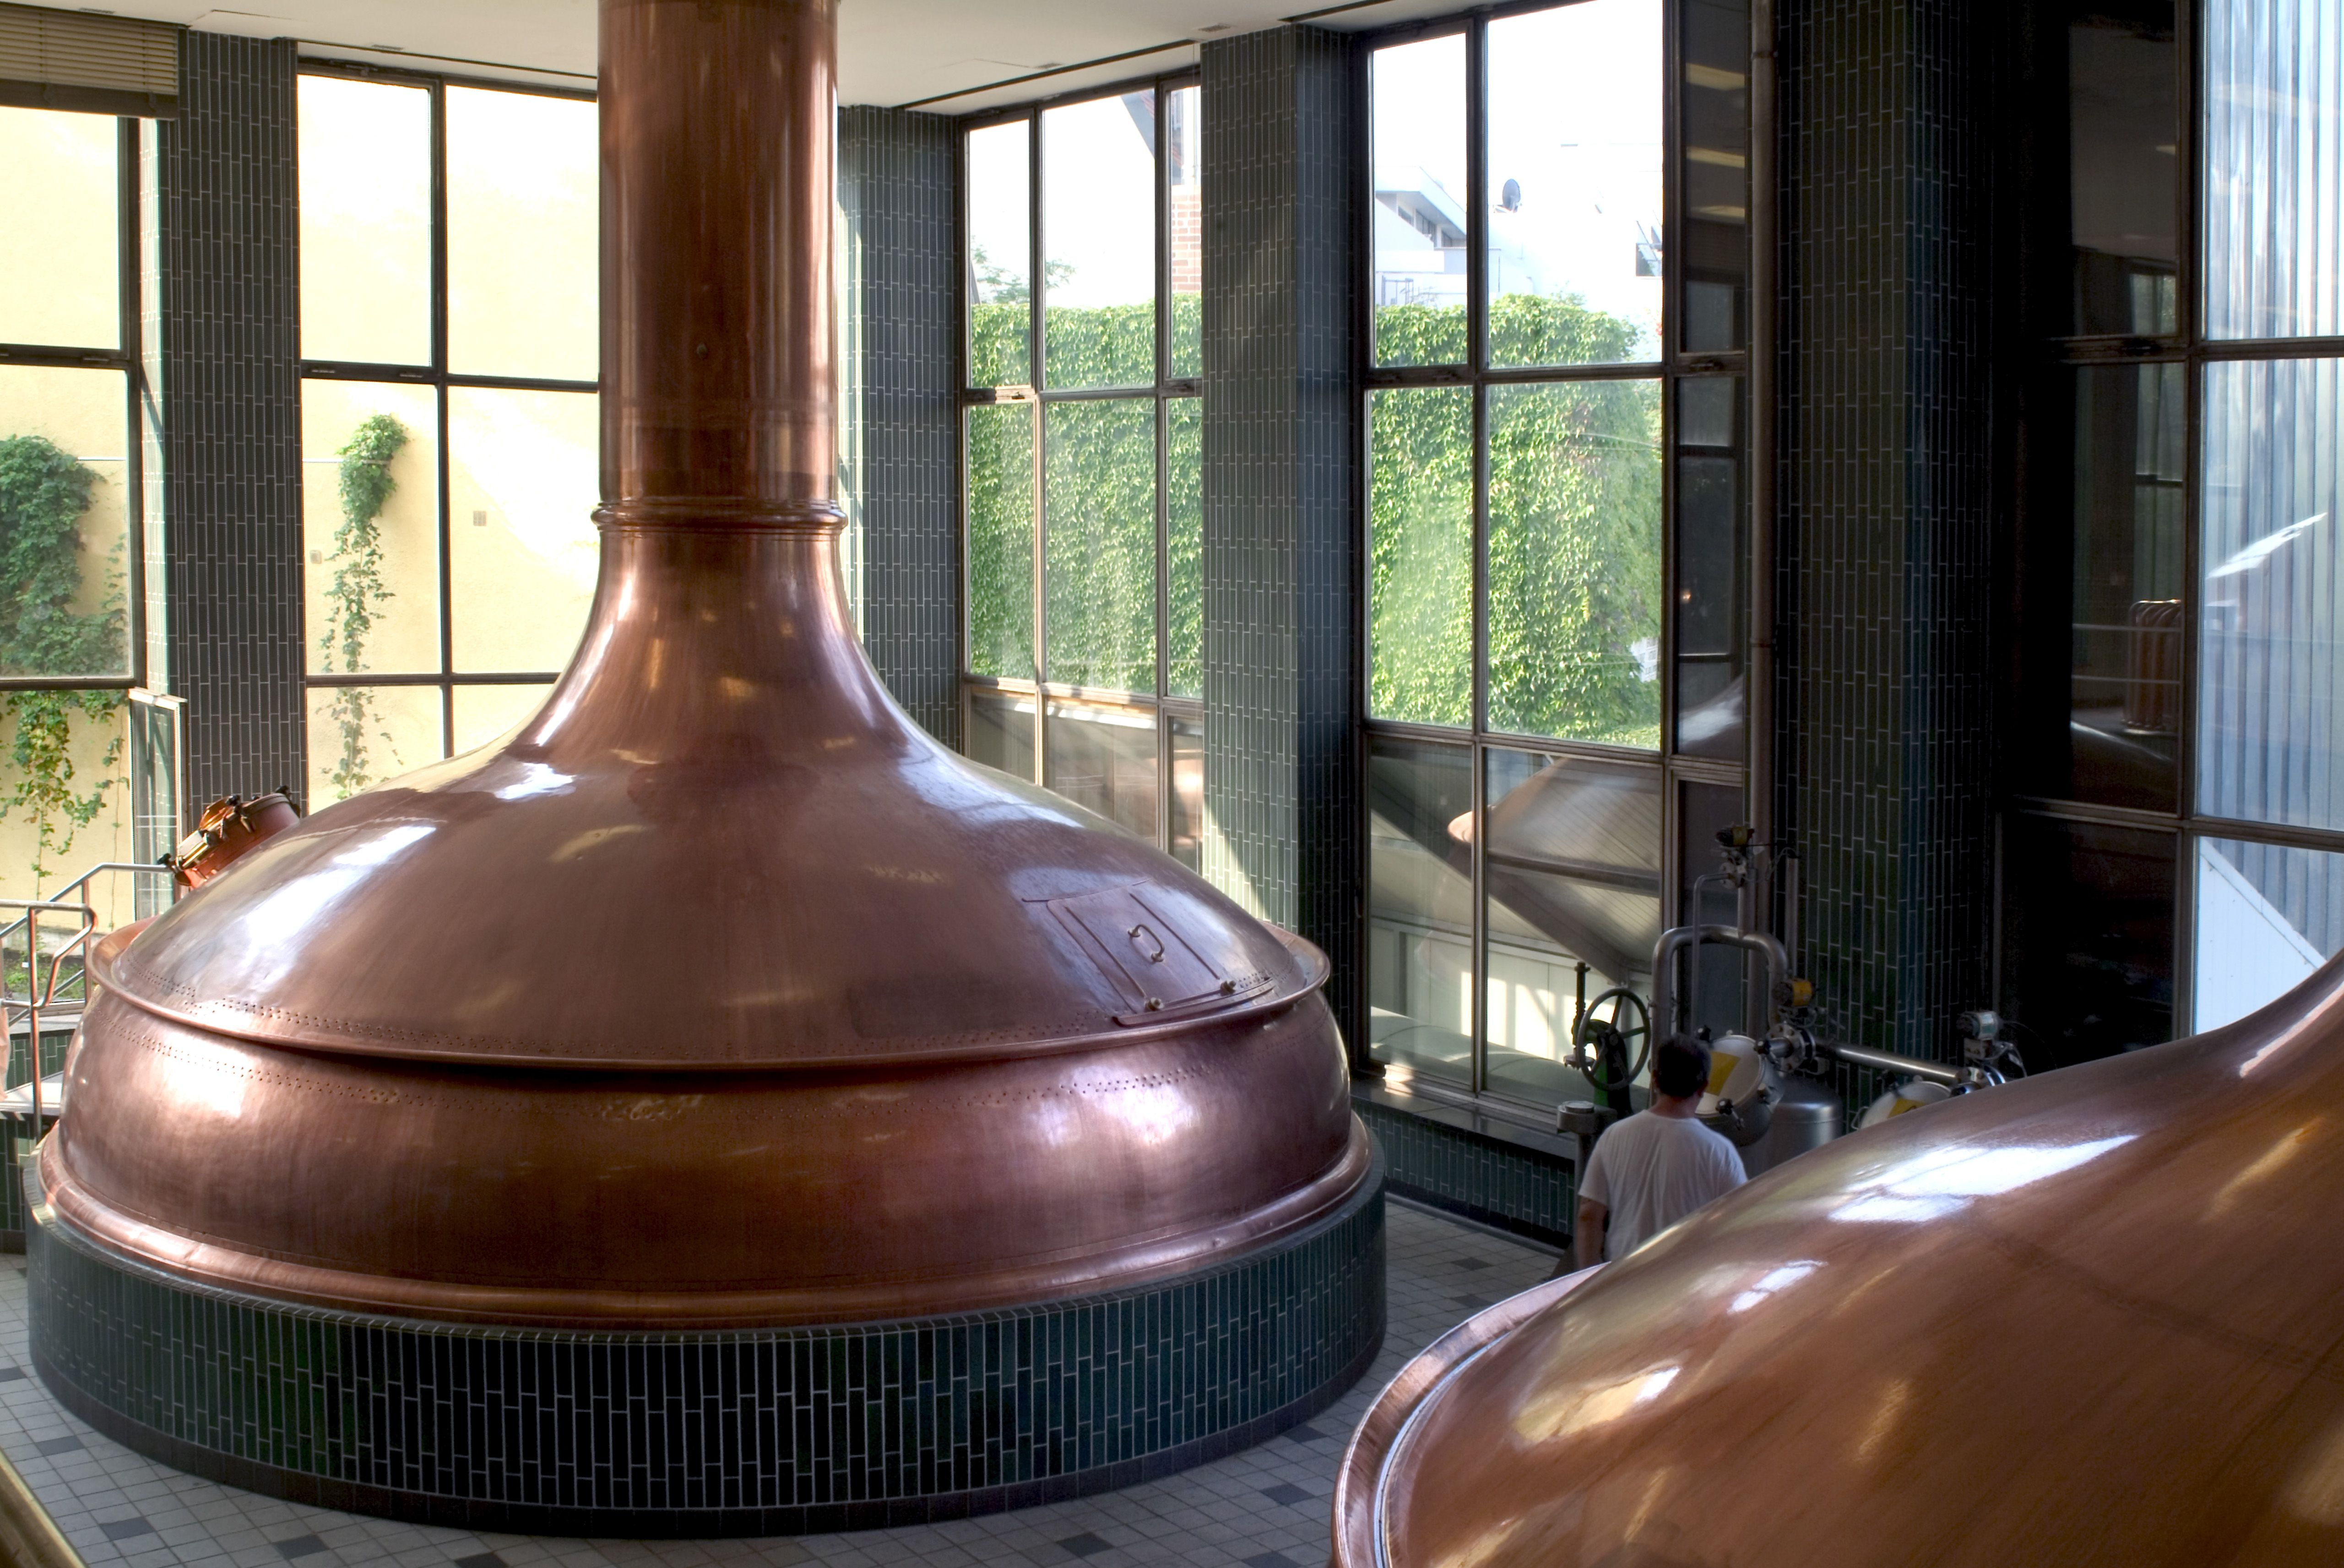 Copper brew kettles at Paulaner Brauerei in Munich